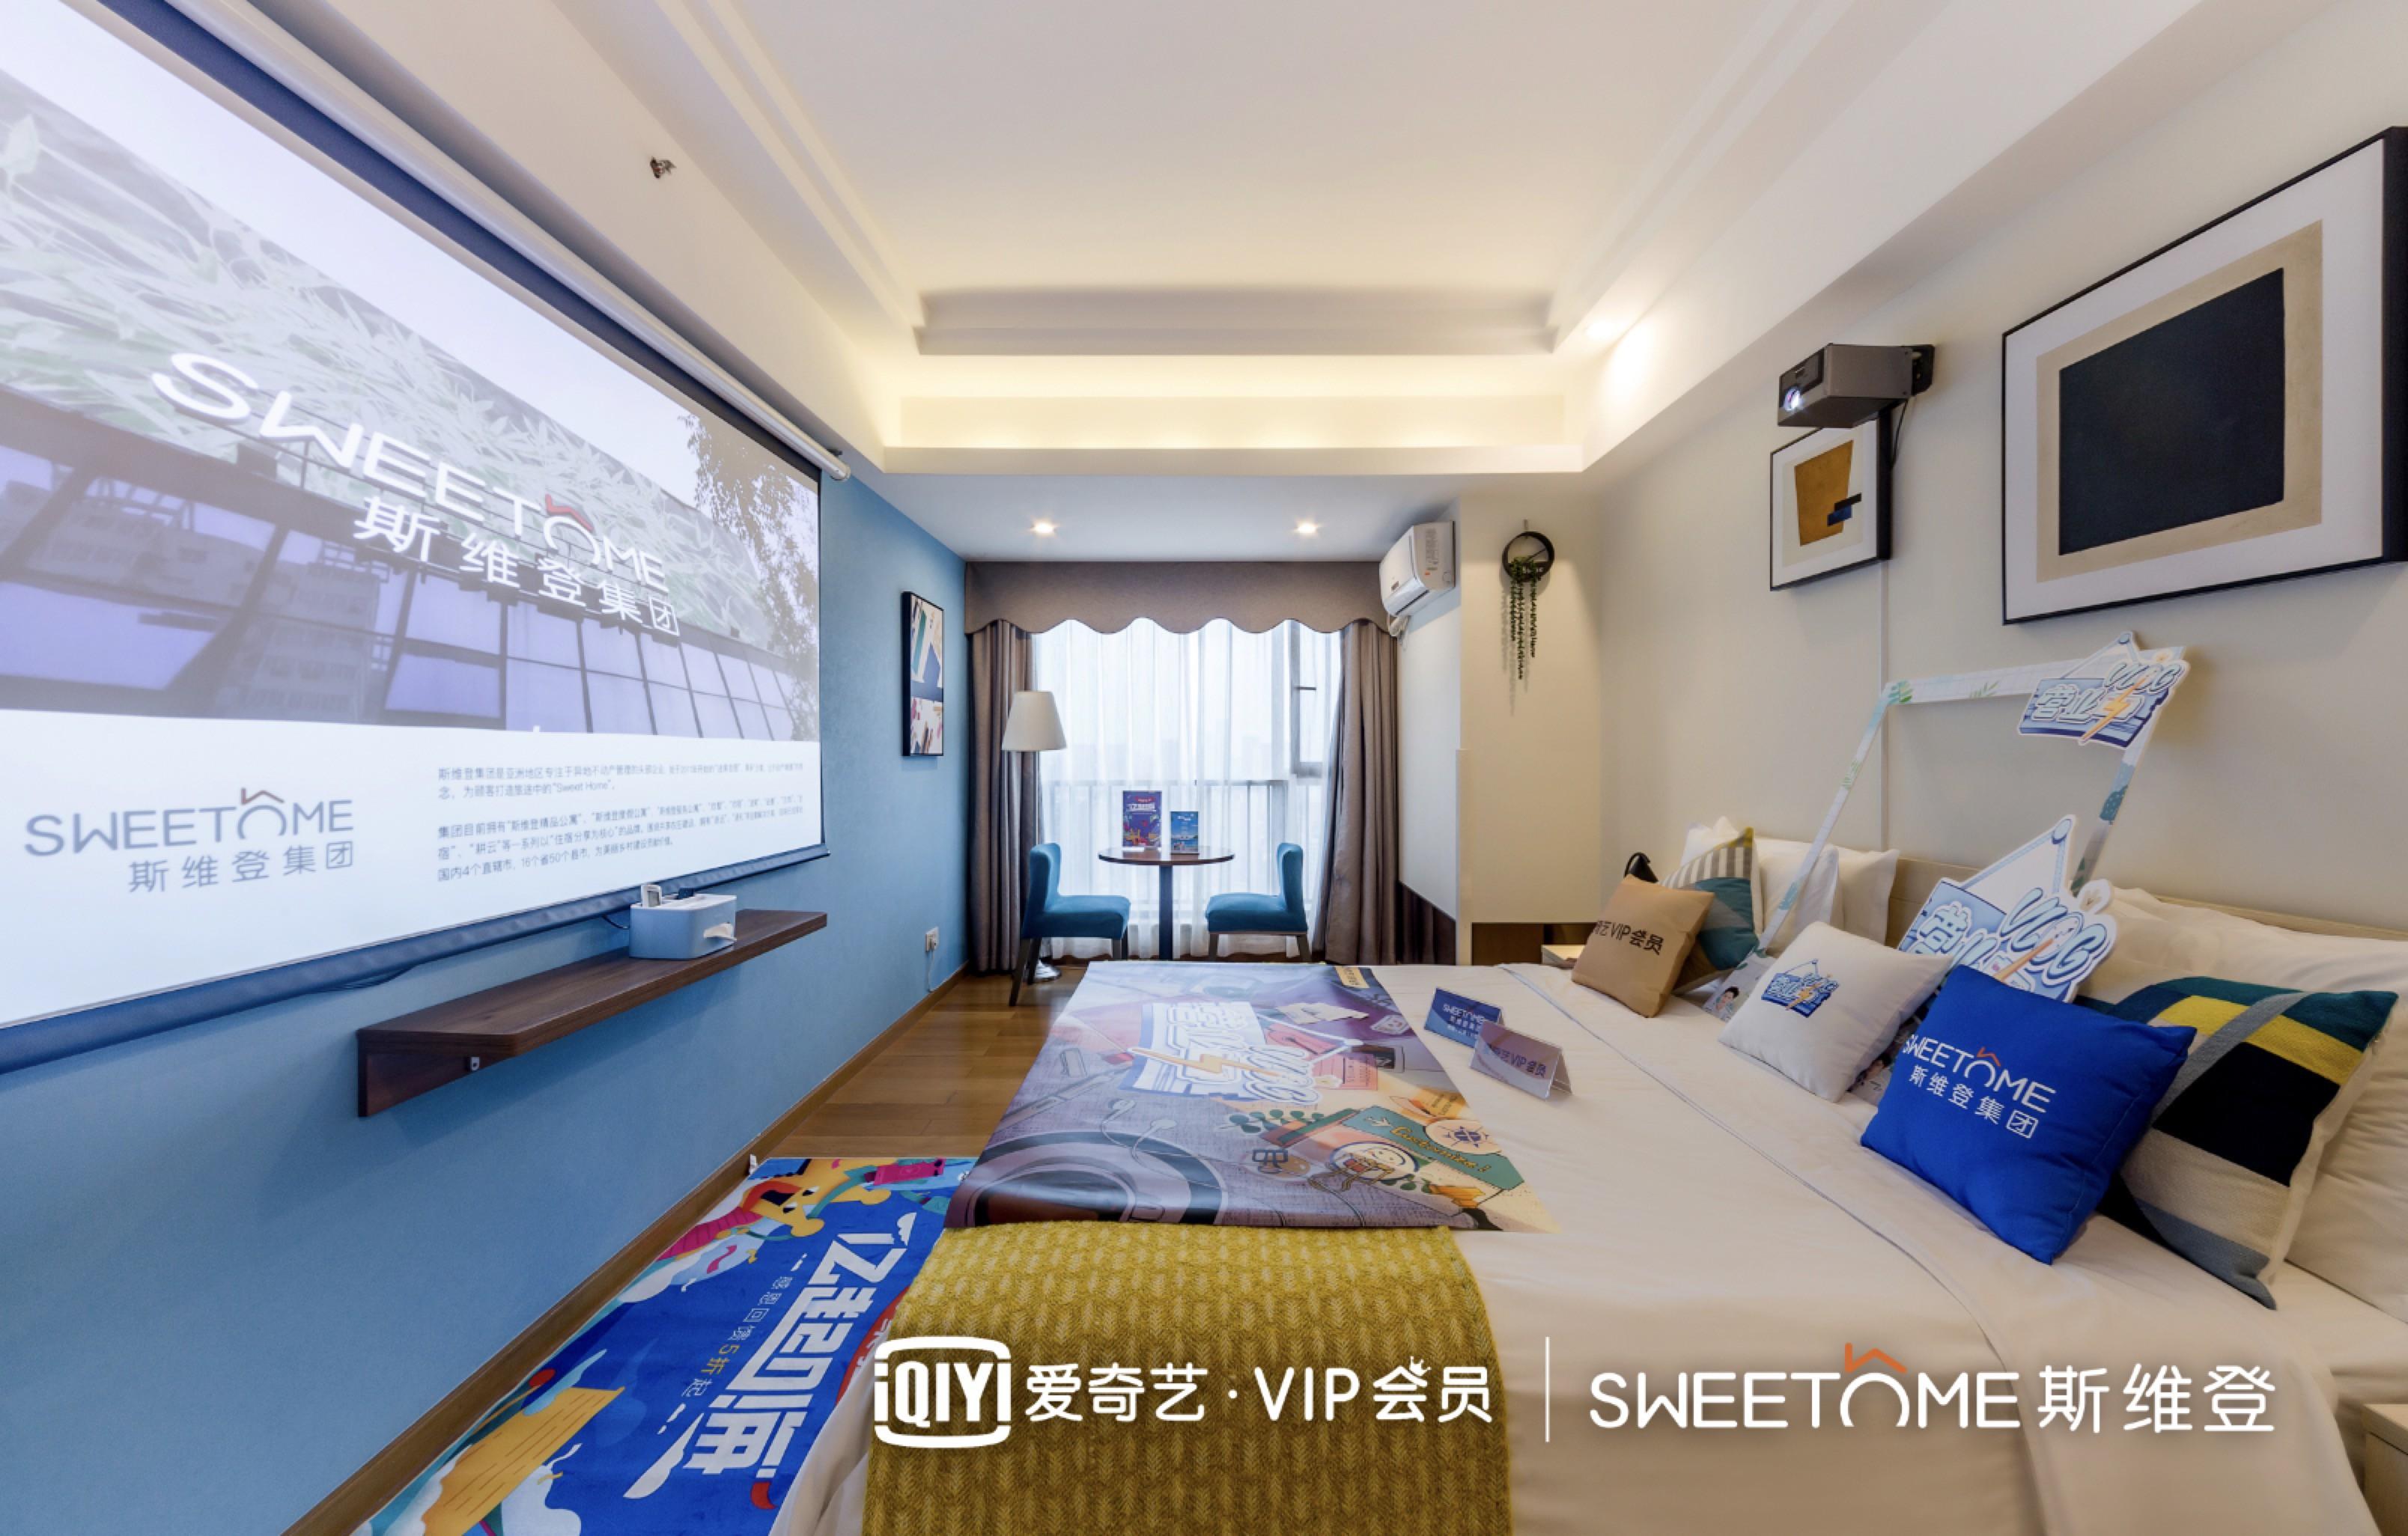 联合5大影视综艺IP 斯维登与爱奇艺打造了7间娱乐IP民宿